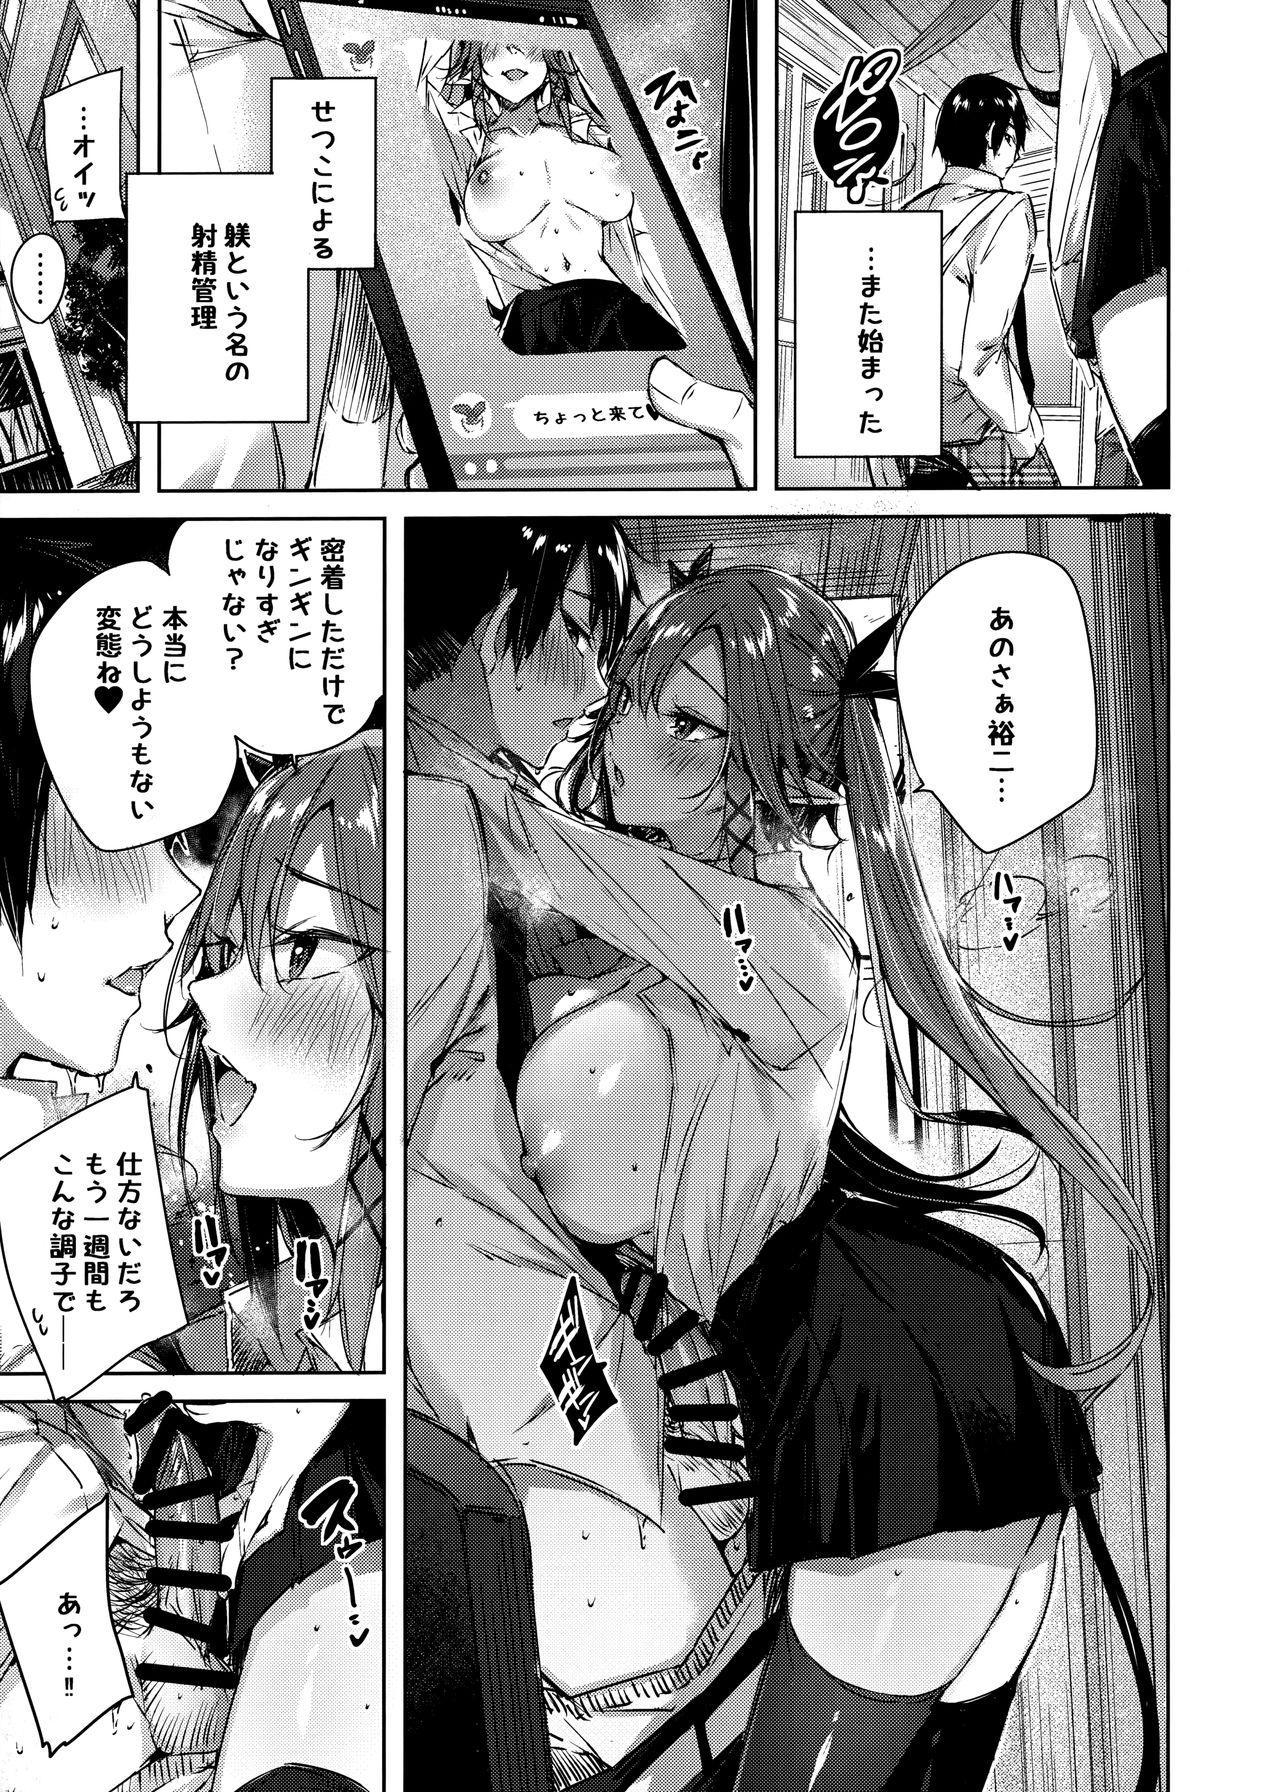 Koakuma Setsuko no Himitsu Vol. 5.5 3